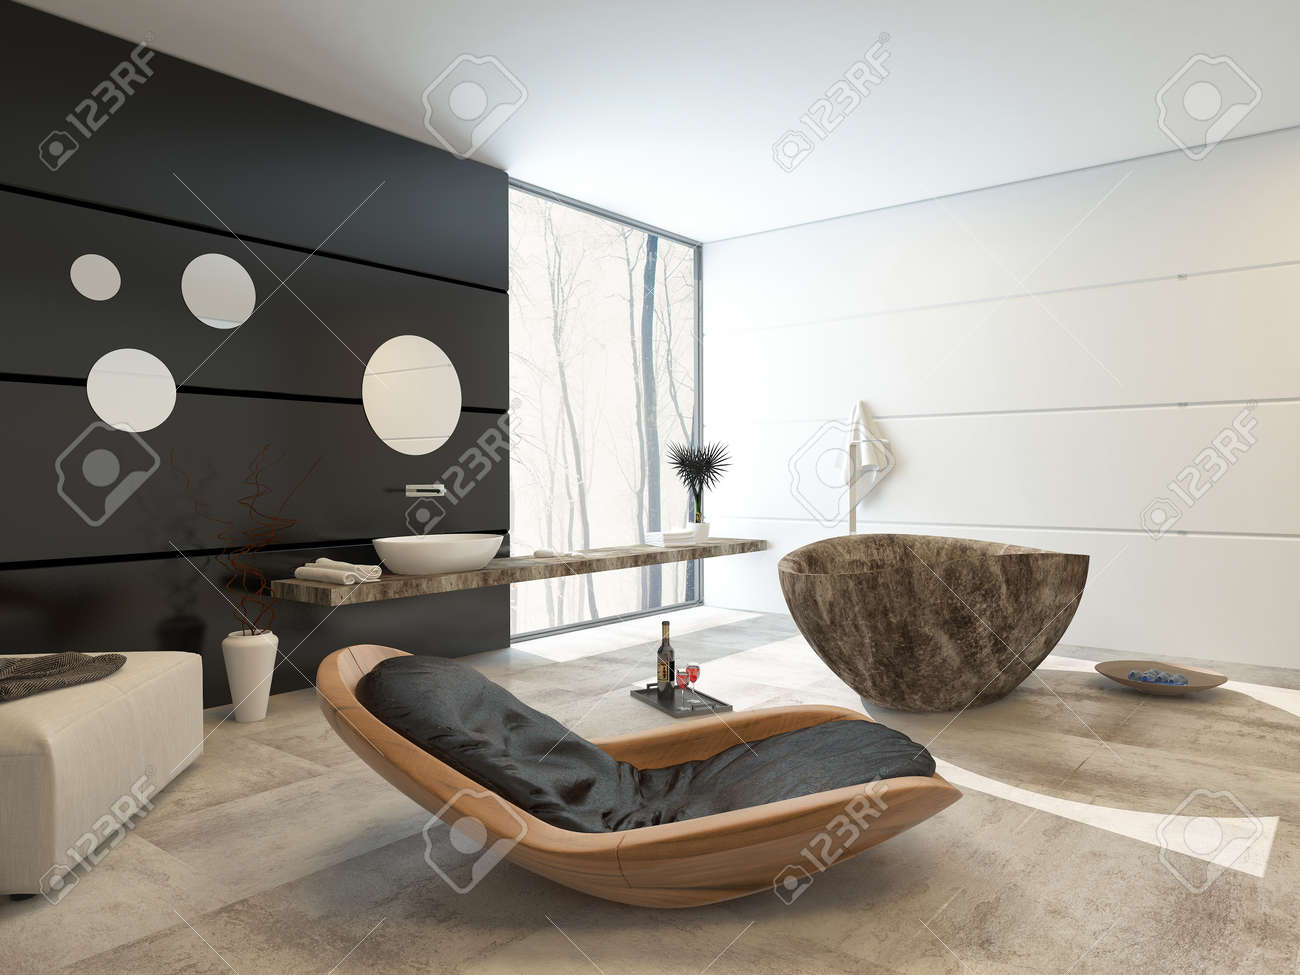 design contemporain dans un interieur d une salle de bains de luxe avec un confortable fauteuil inclinable bois pouf marbre motif mur d accent ovale